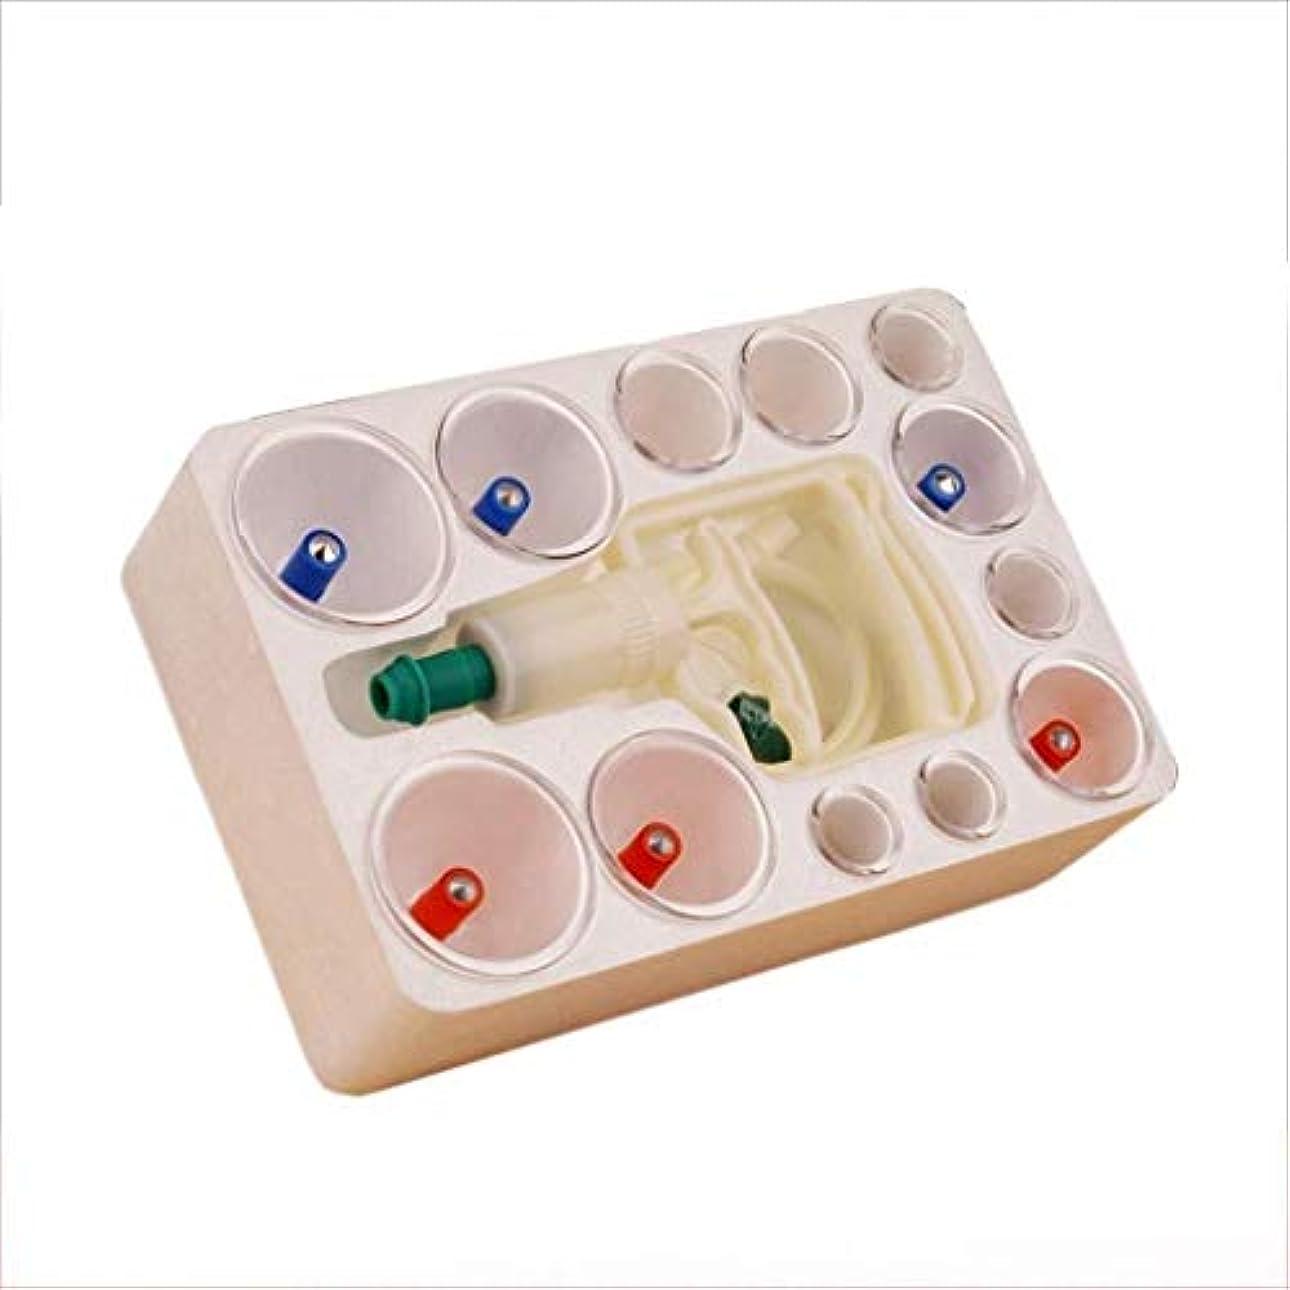 主観的過半数見込みヘルスケアのためのマッサージRelaxatiでカッピング療法のカップ効果的な健康的な中国医学の真空カッピング吸引治療器ボディマッサージャーセット